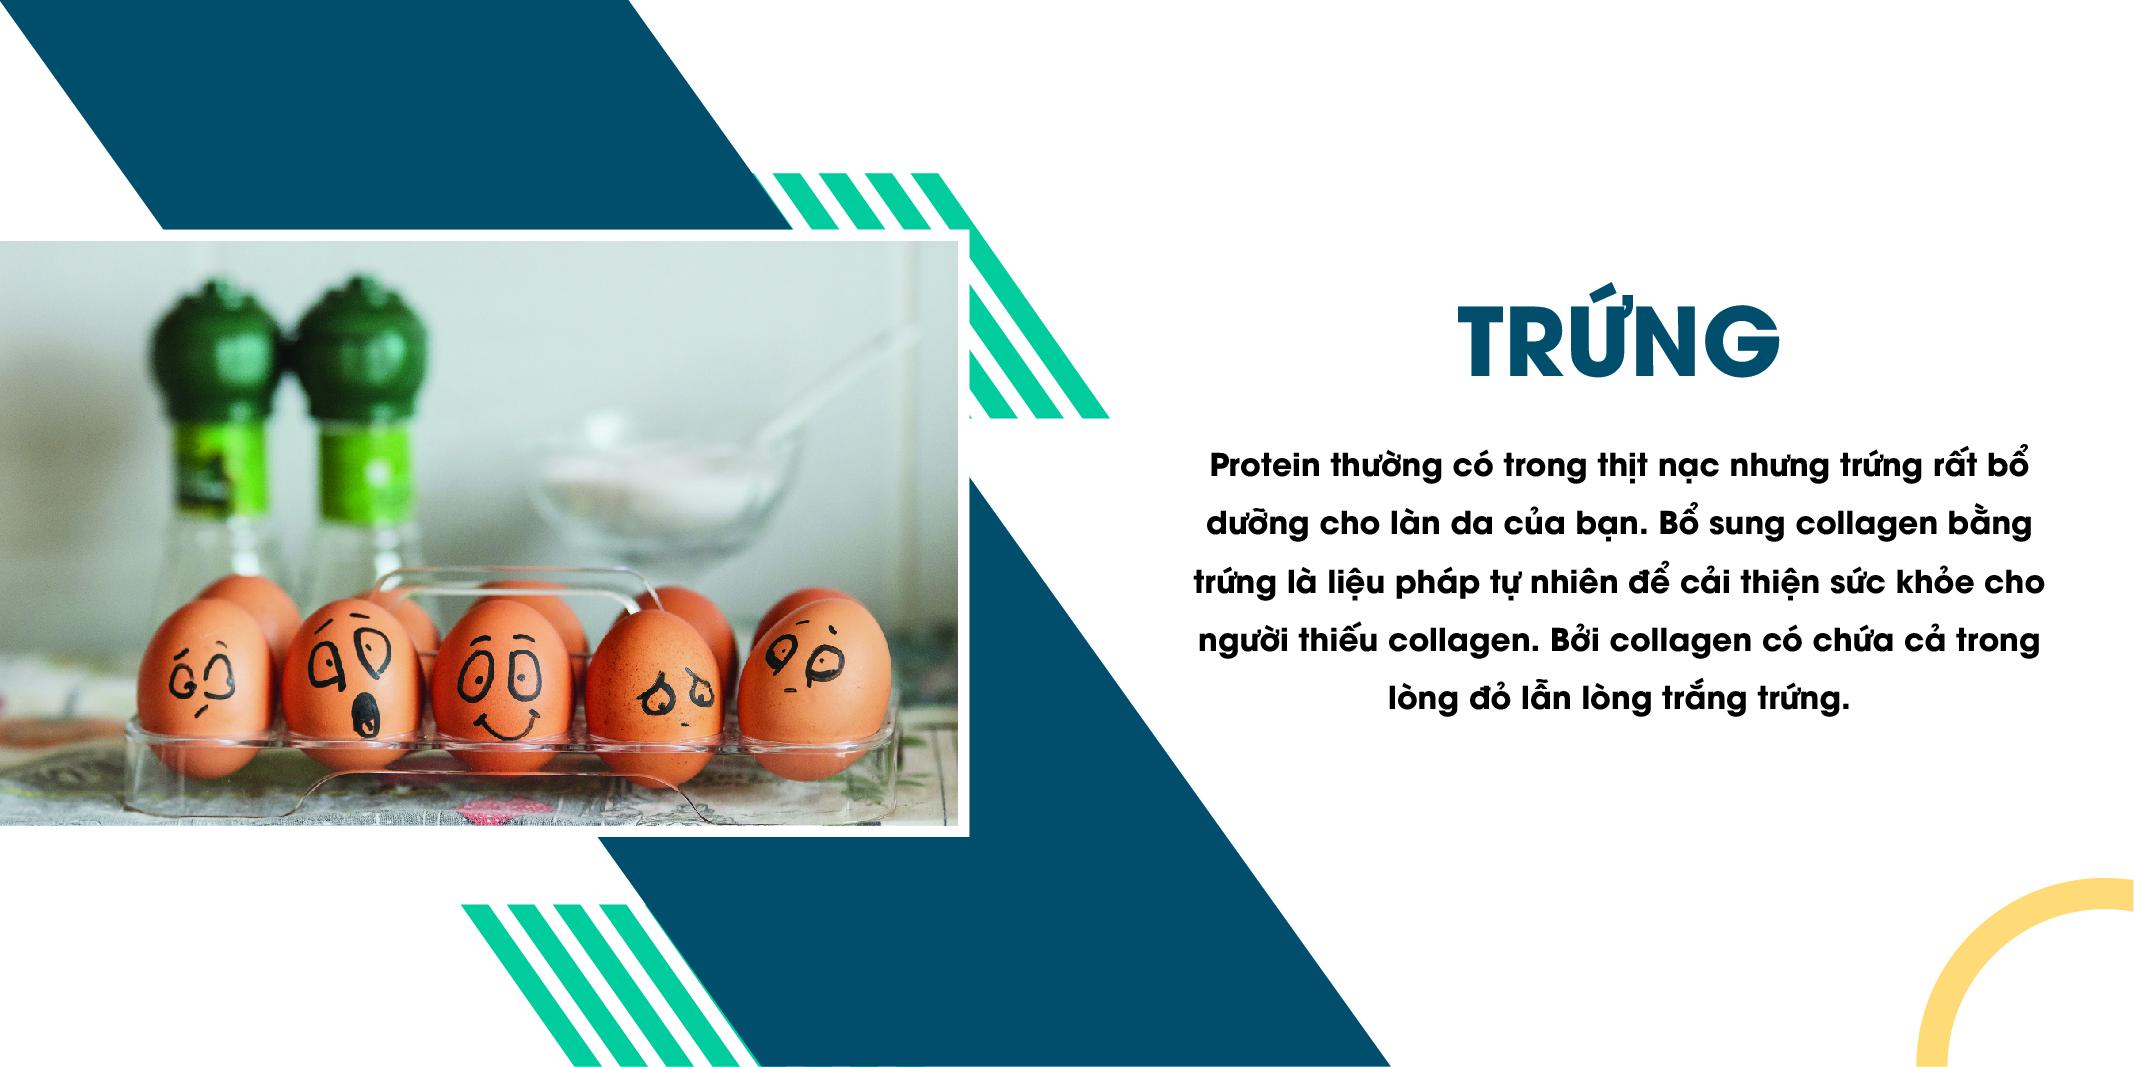 Trứng giàu protein giúp tái tạo collagen